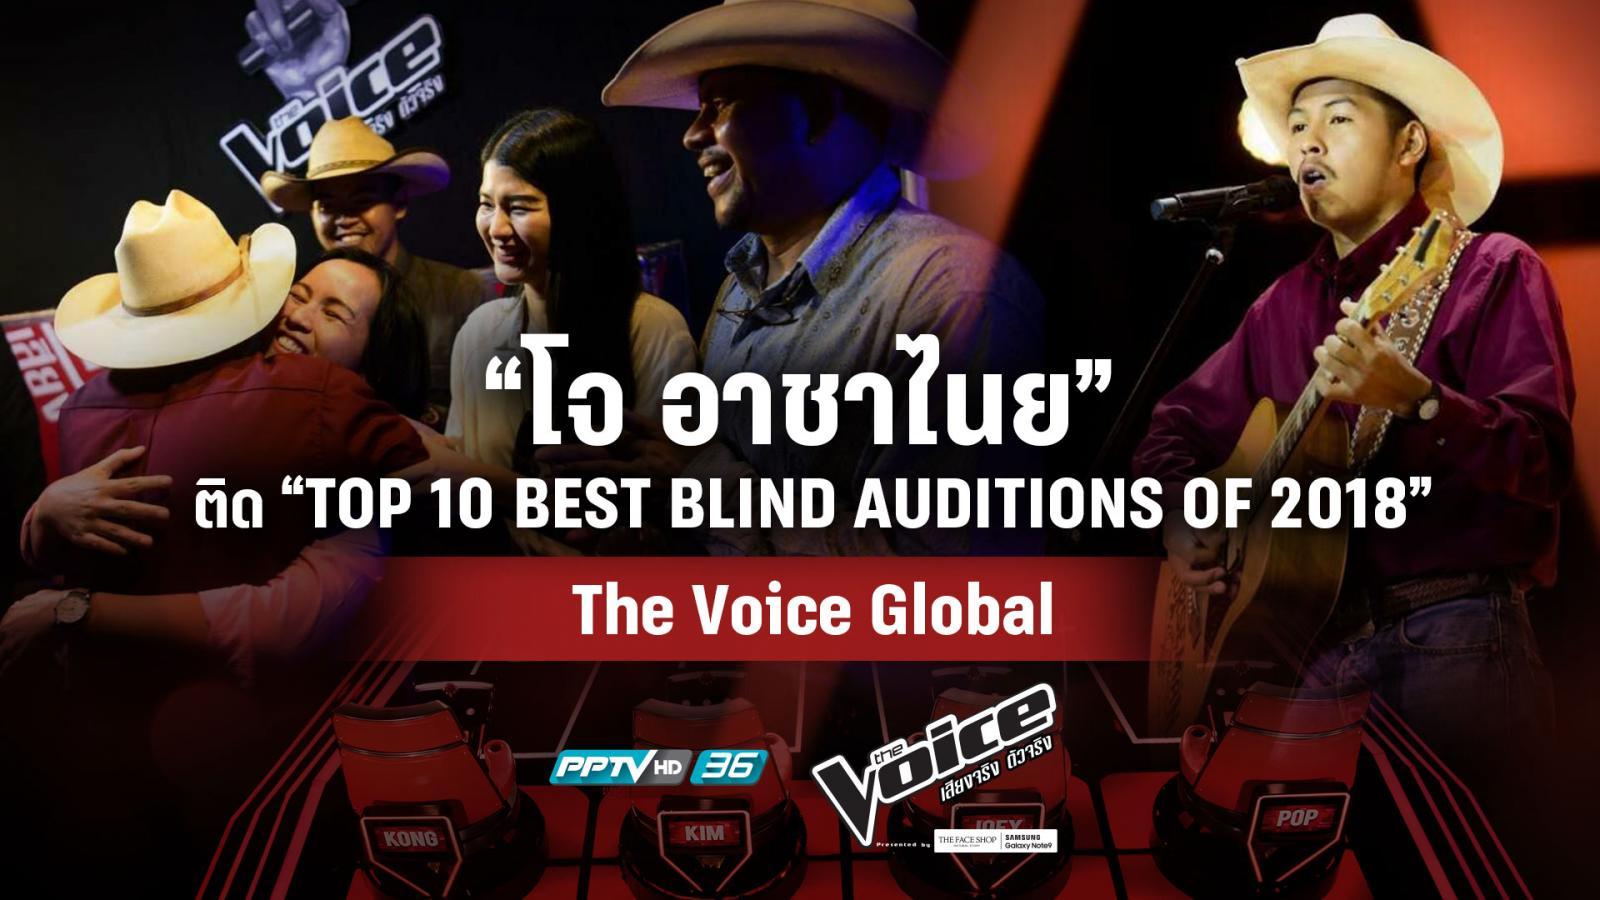 โจ อาชาไนย ติด TOP 10 BEST BLIND AUDITIONS OF 2018 จาก The Voice Global